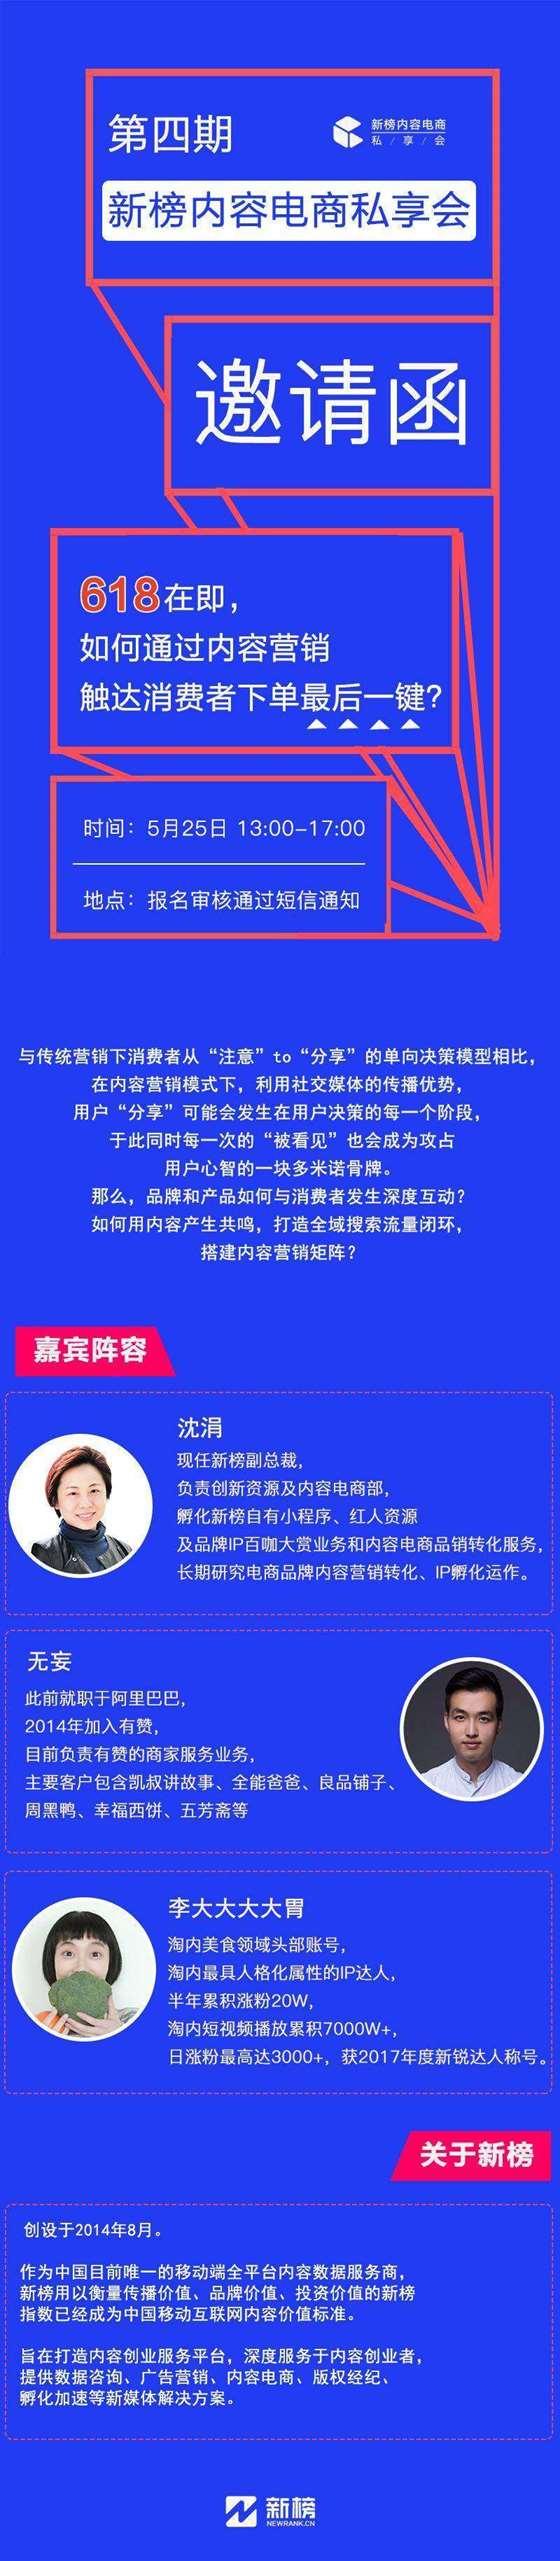 第四期内容电商私享会海报-1.jpg